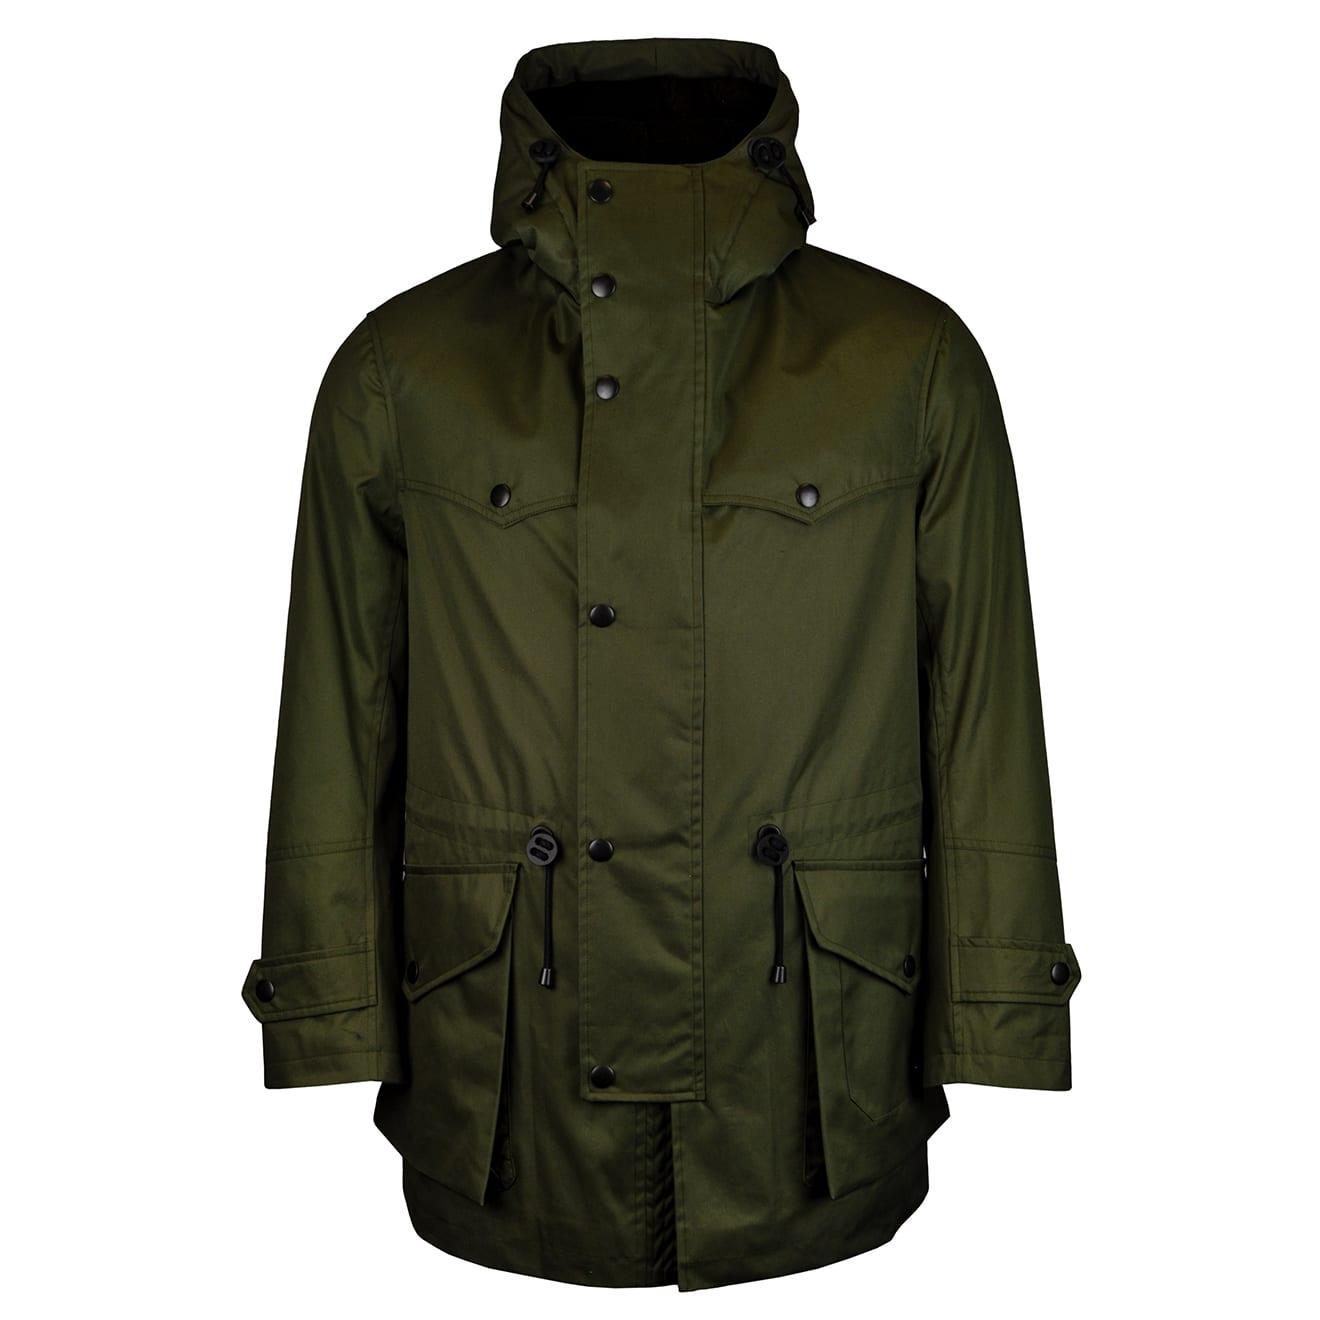 Grenfell scarfell parka jacket green